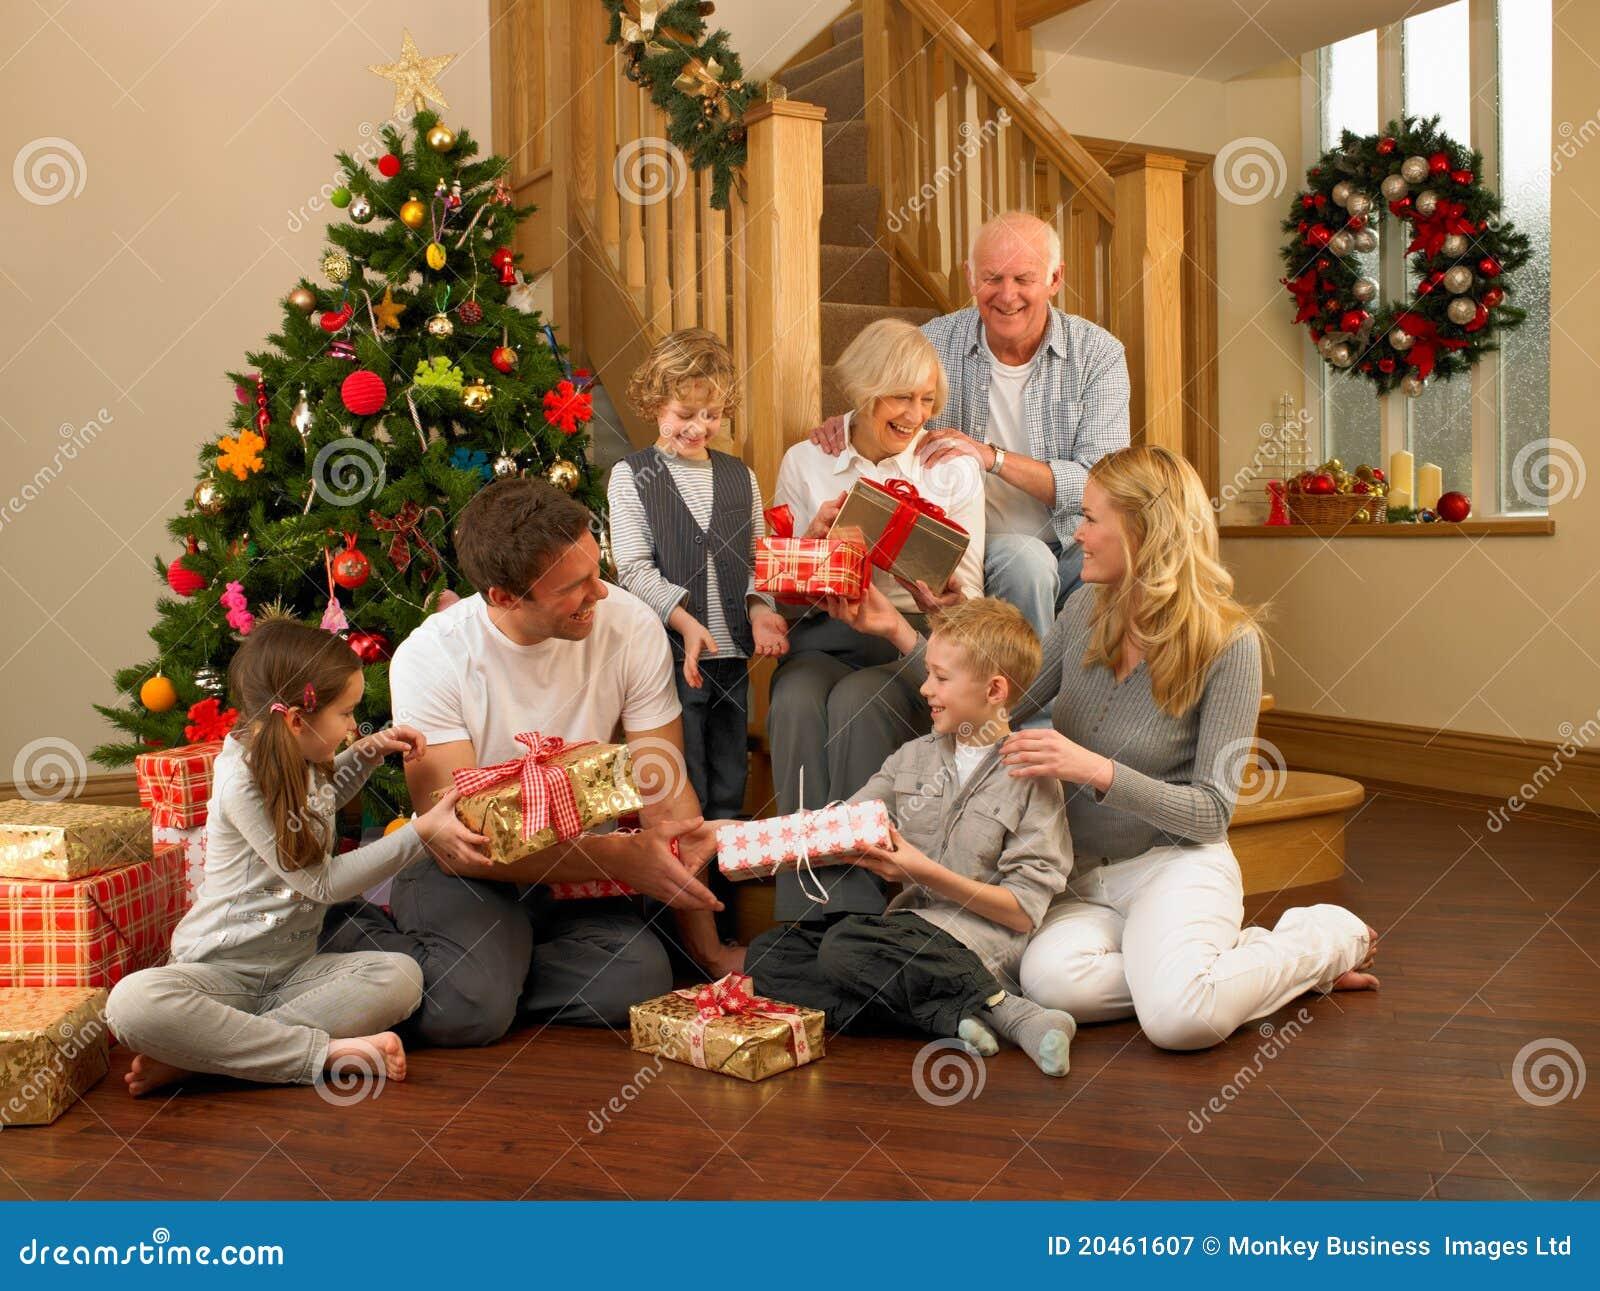 Где могут получить подарки новогодние многодетные семьи